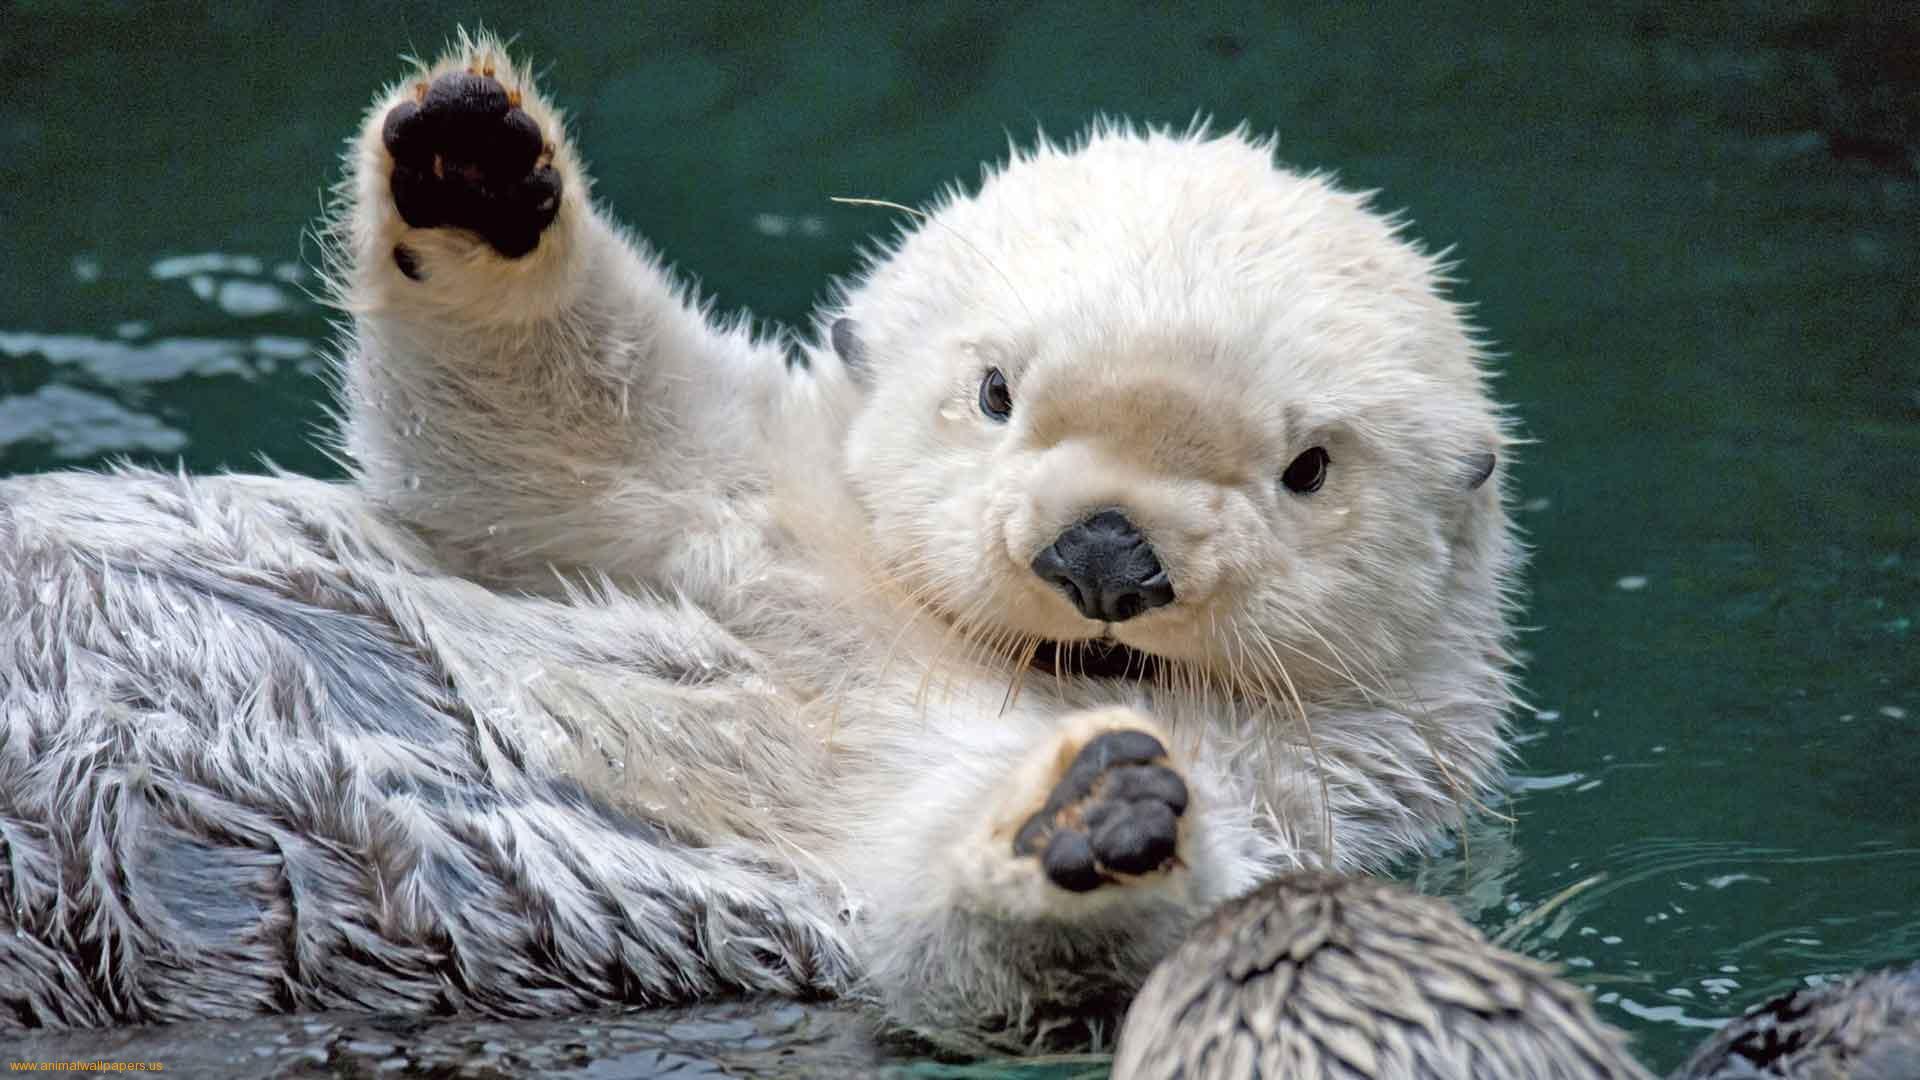 Sea Otter Desktop HD Wallpapers - HD Wallpapers Inn